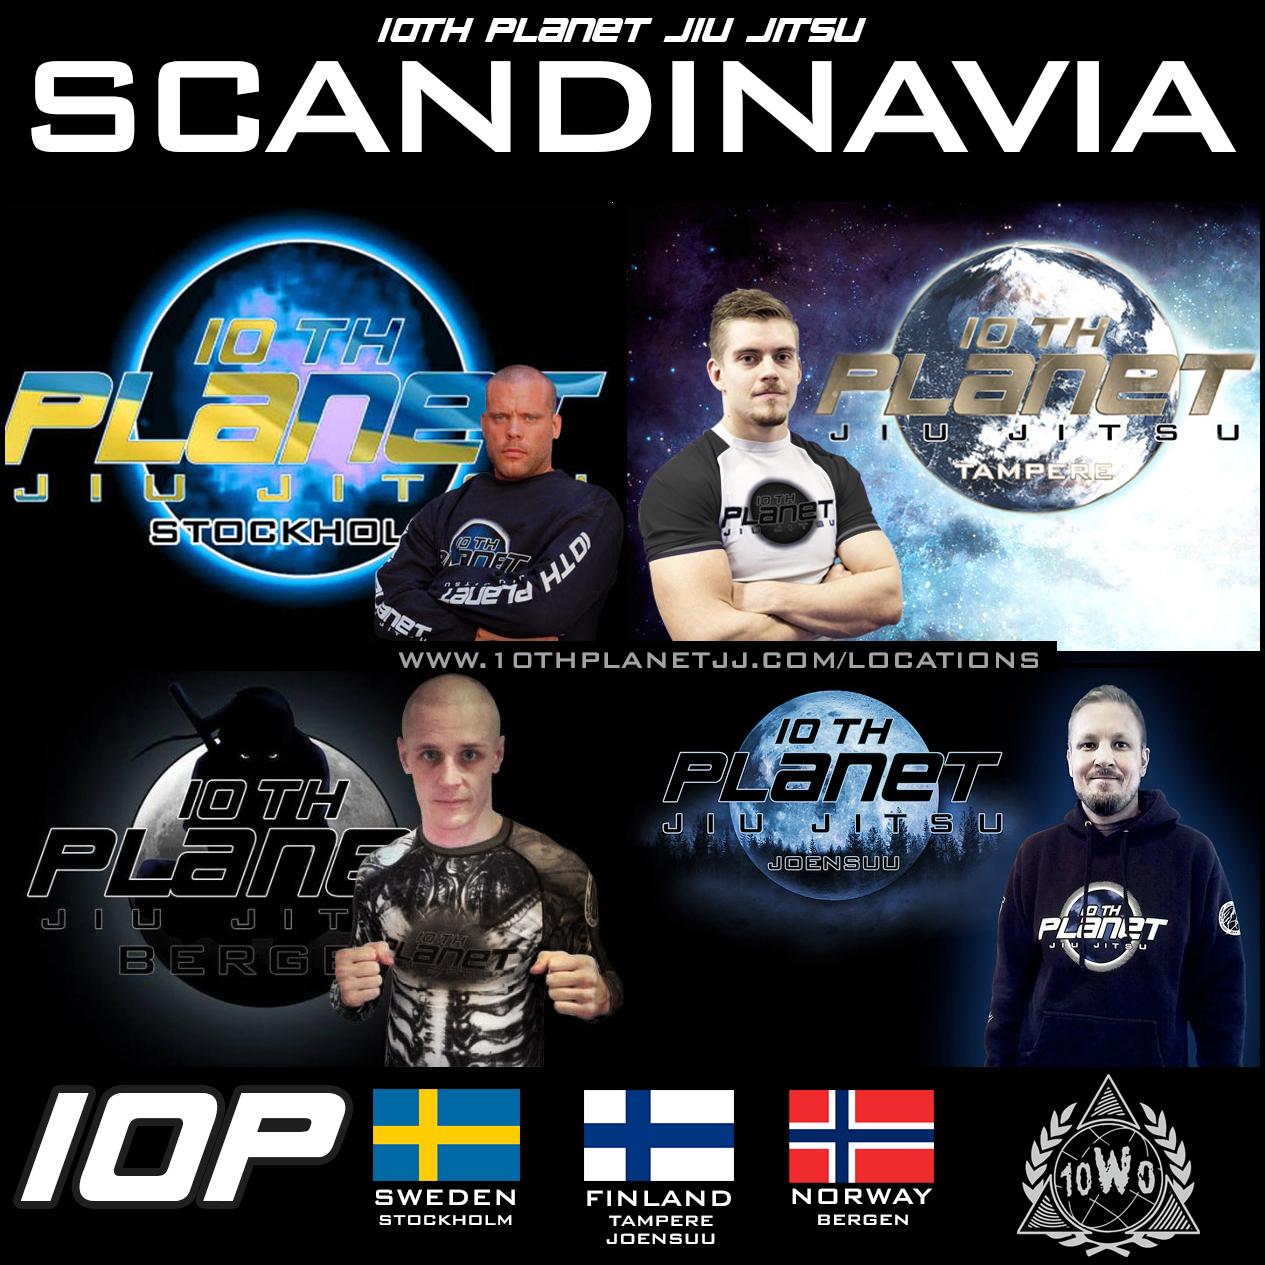 10P-SCANDINAVIA.jpg